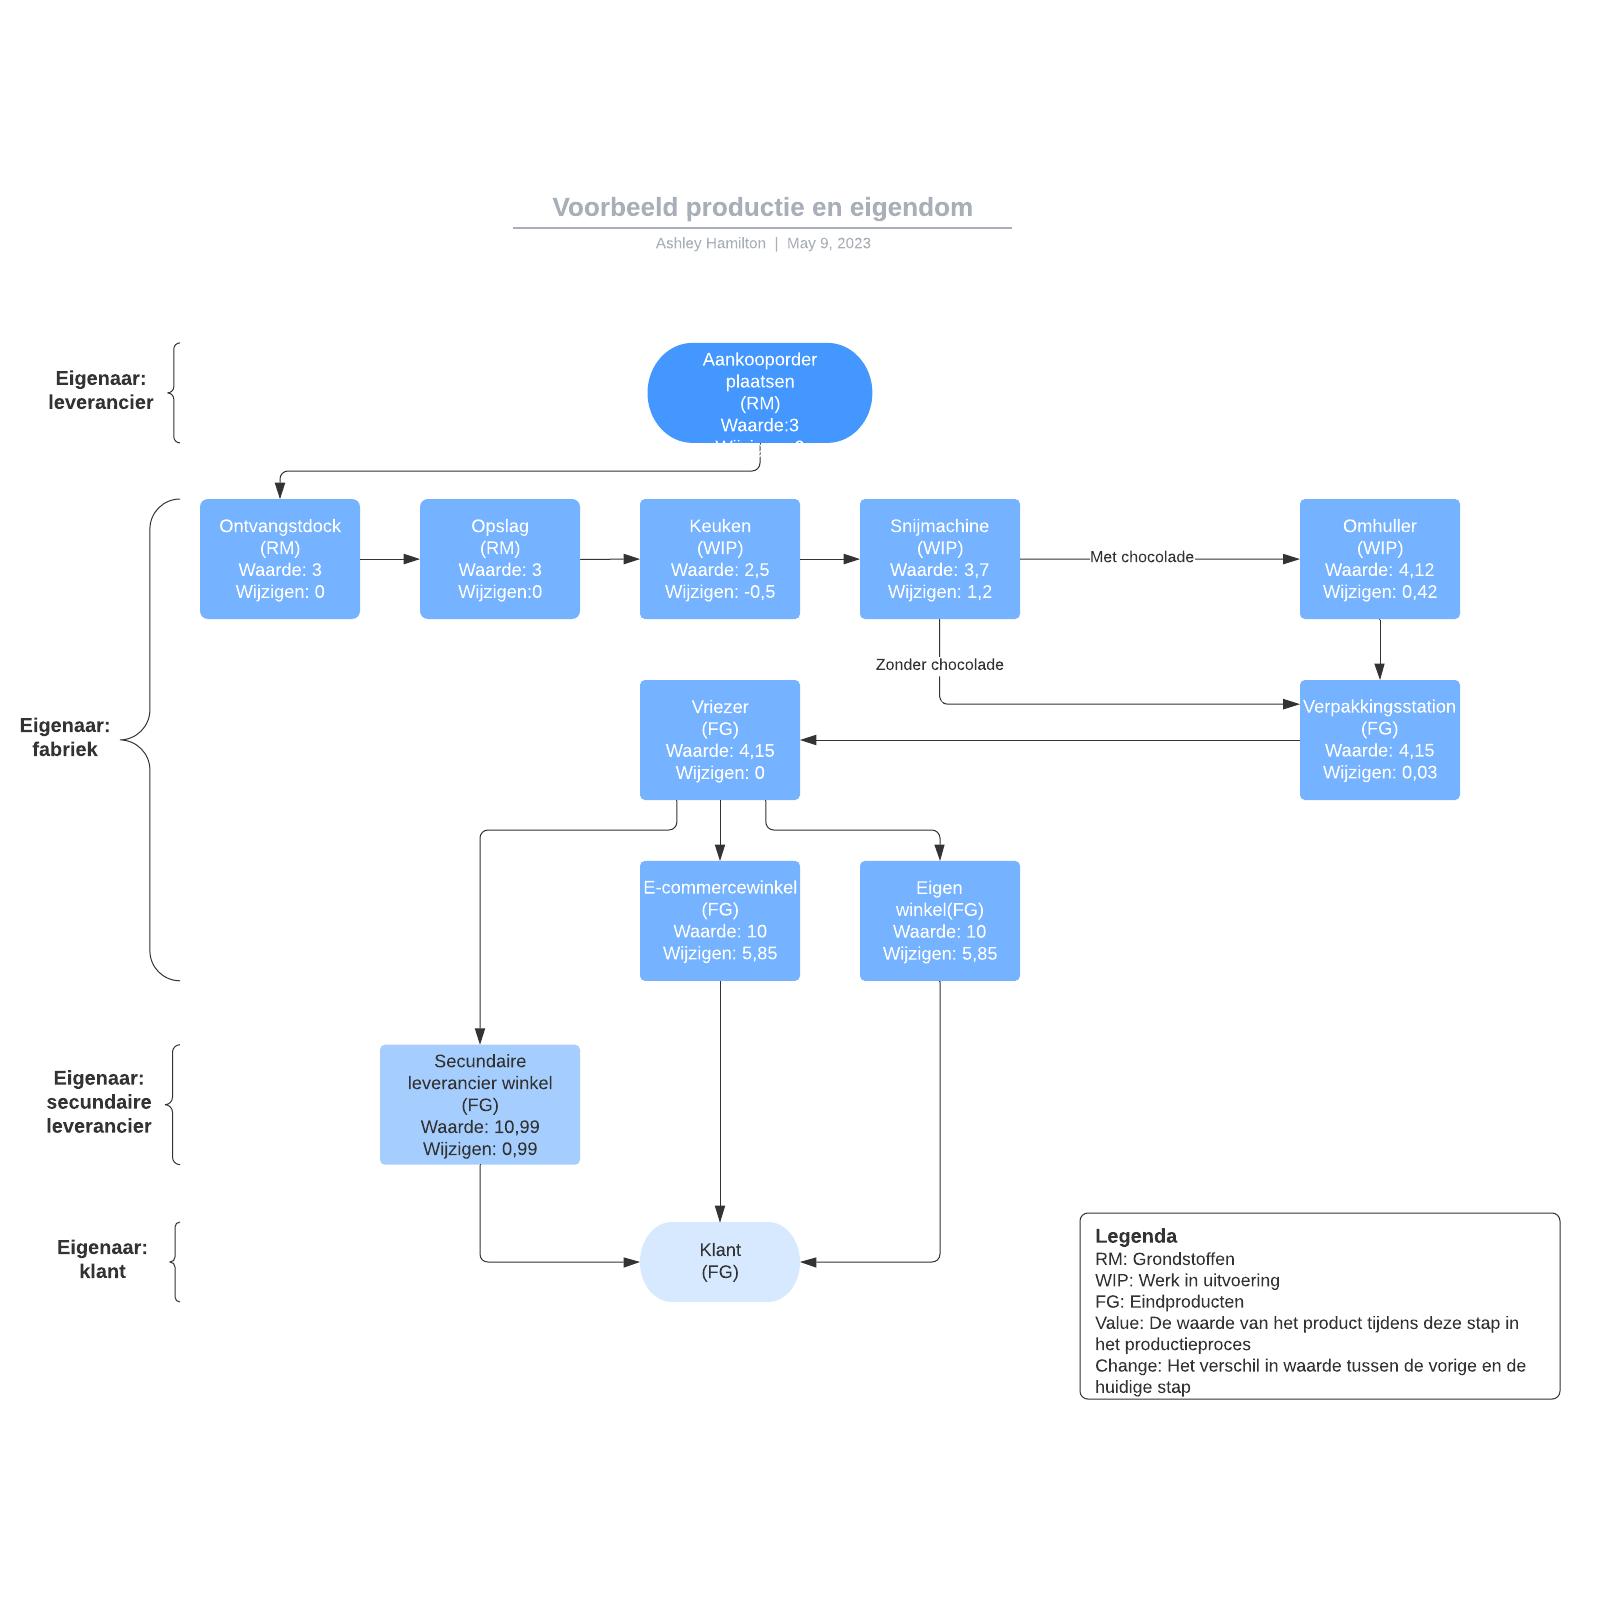 Voorbeeld productie en eigendom